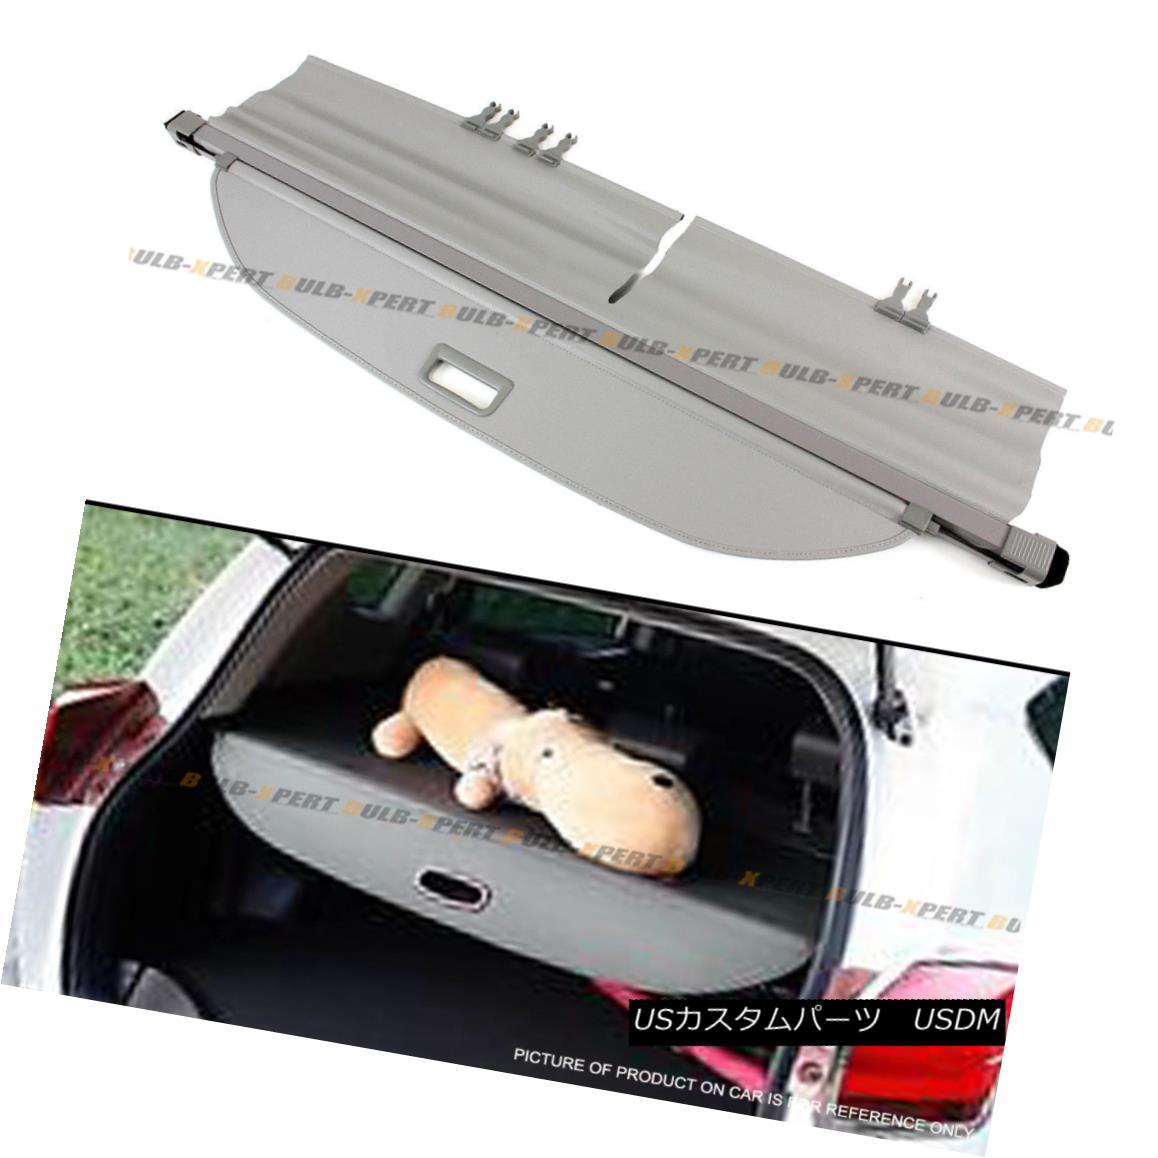 エアロパーツ For 2013-17 Toyota Rav4 Retractable Trunk Cargo Cover Luggage Shade Shield Grey トヨタRav4リトラクタブルトランクカーゴカバー荷物シェードシールドグレー